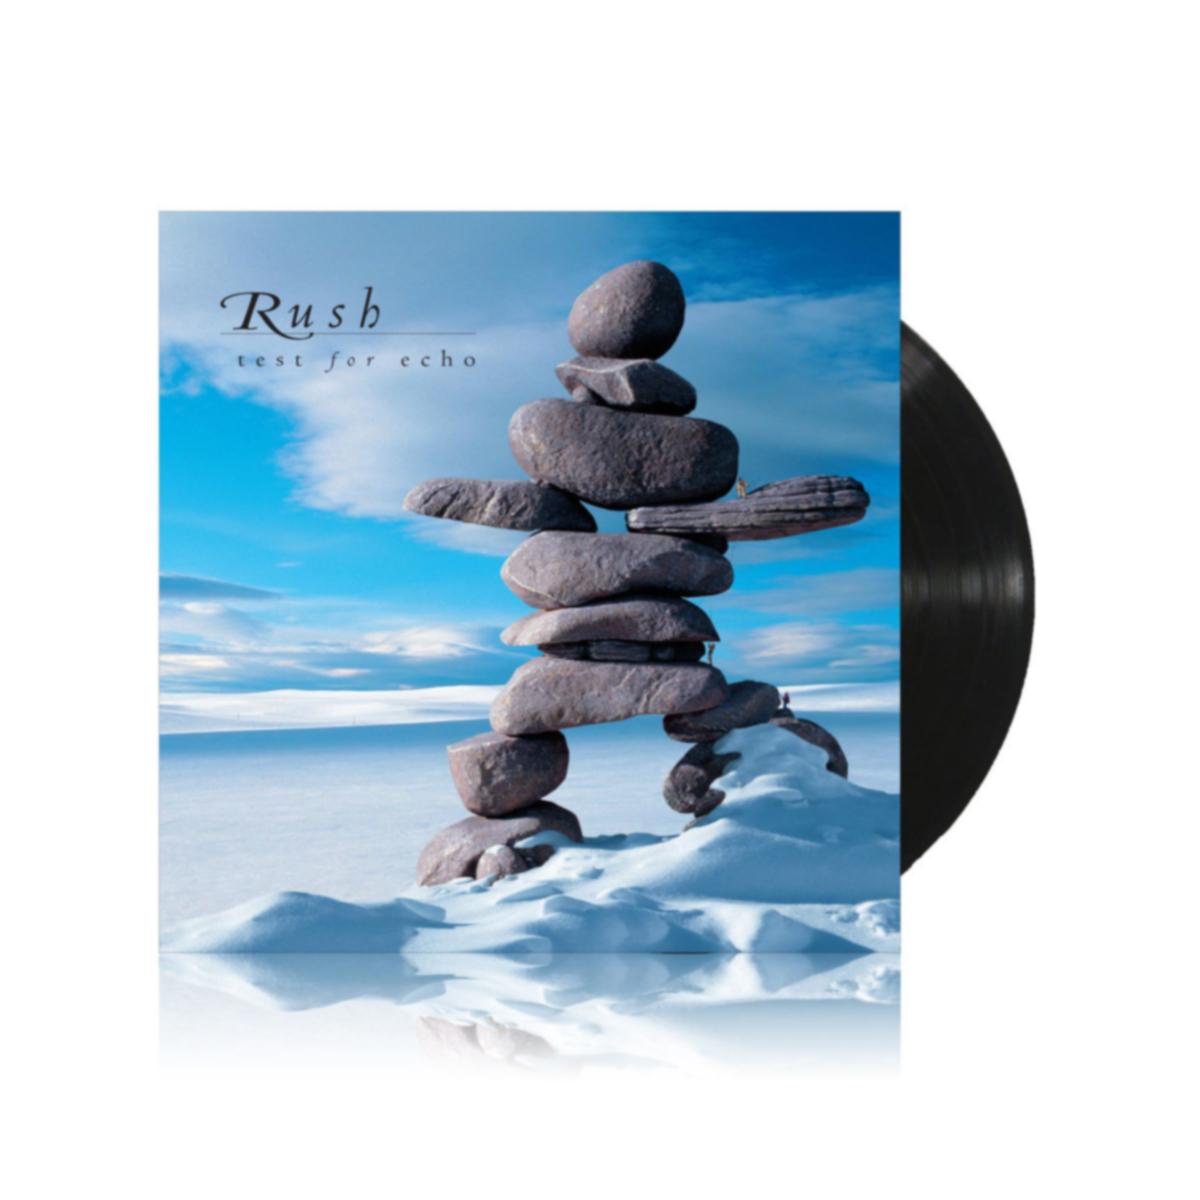 Vinyl - Rush Test For Echo